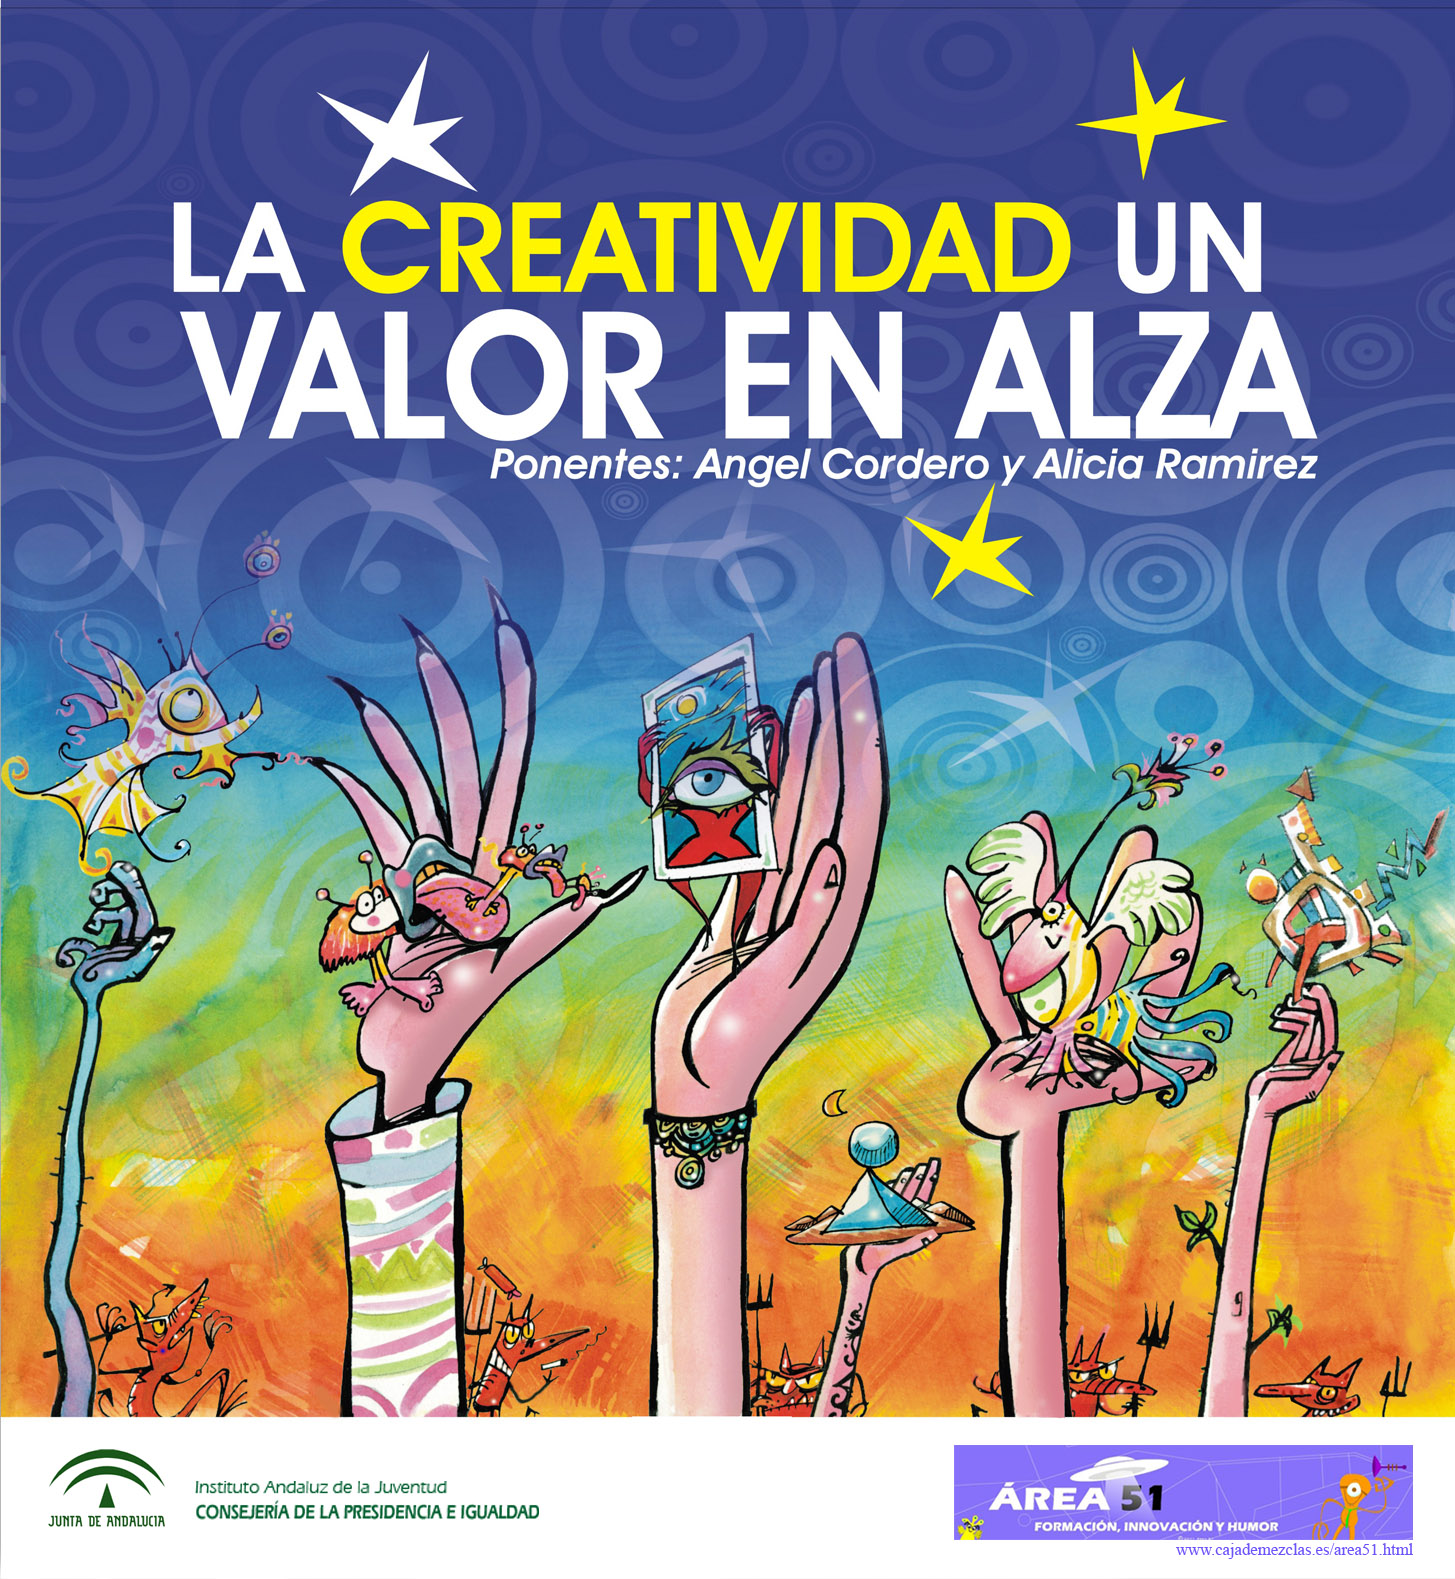 Píntate De Optimismo Y Creatividad: Área 51 Innovación Formación Y Humor: LA CREATIVIDAD UN